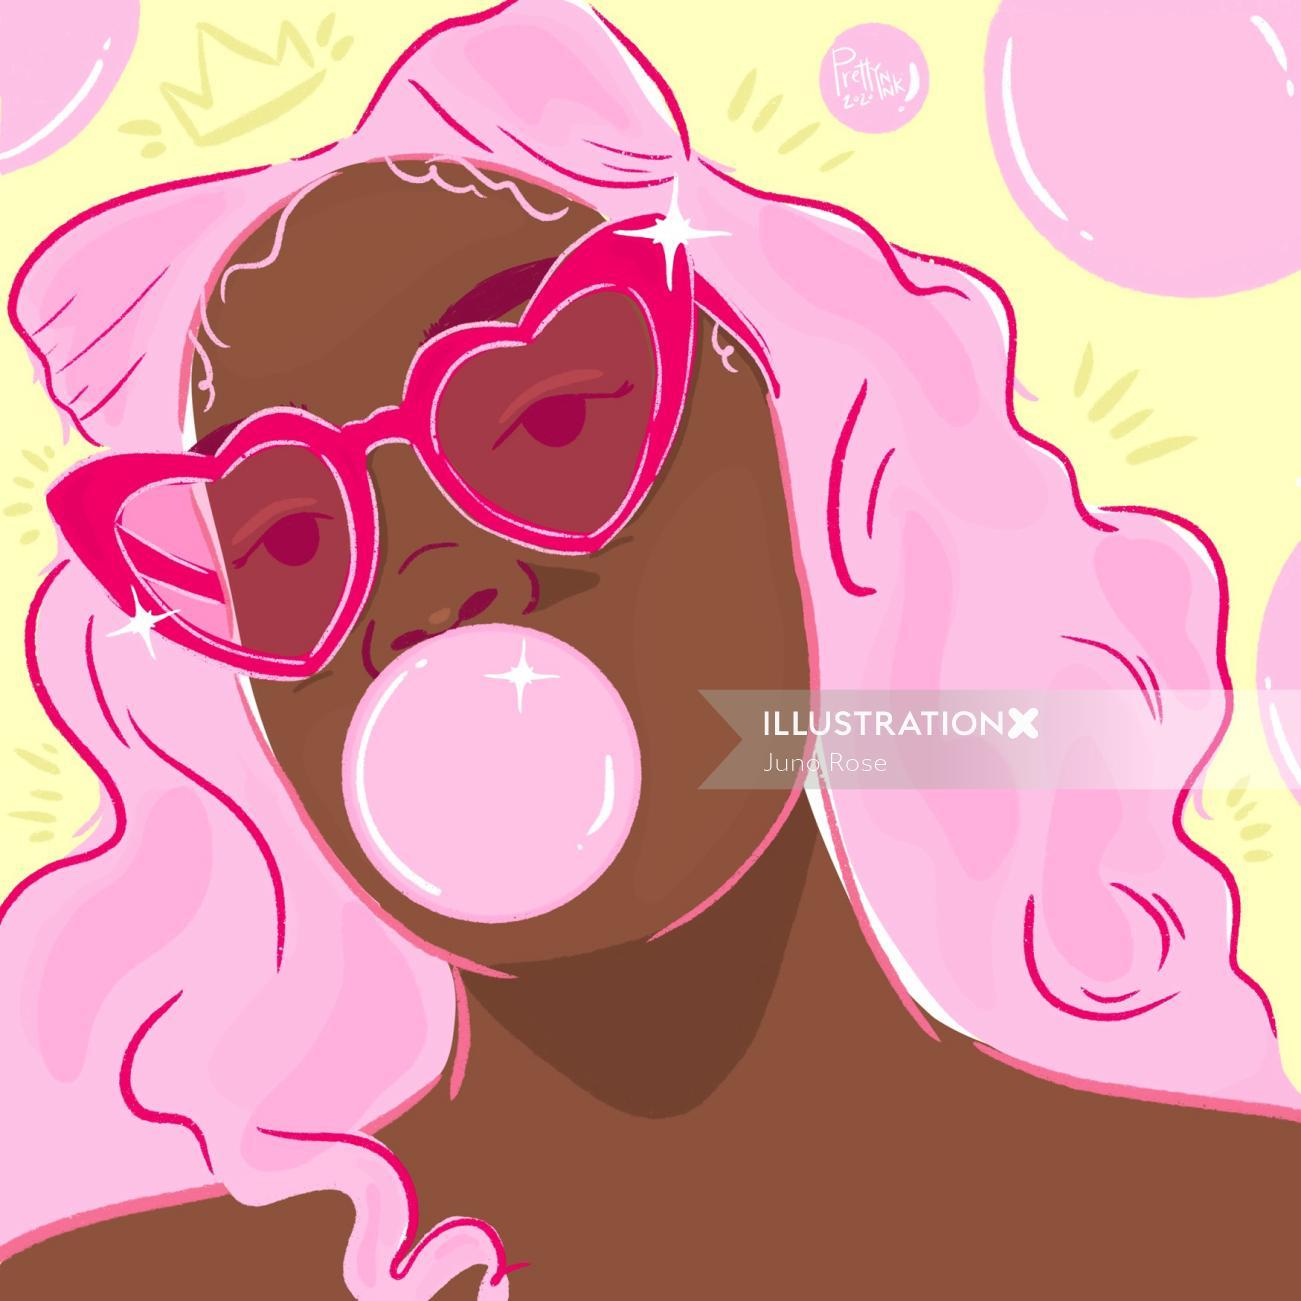 View Juno Rose's illustration portfolio